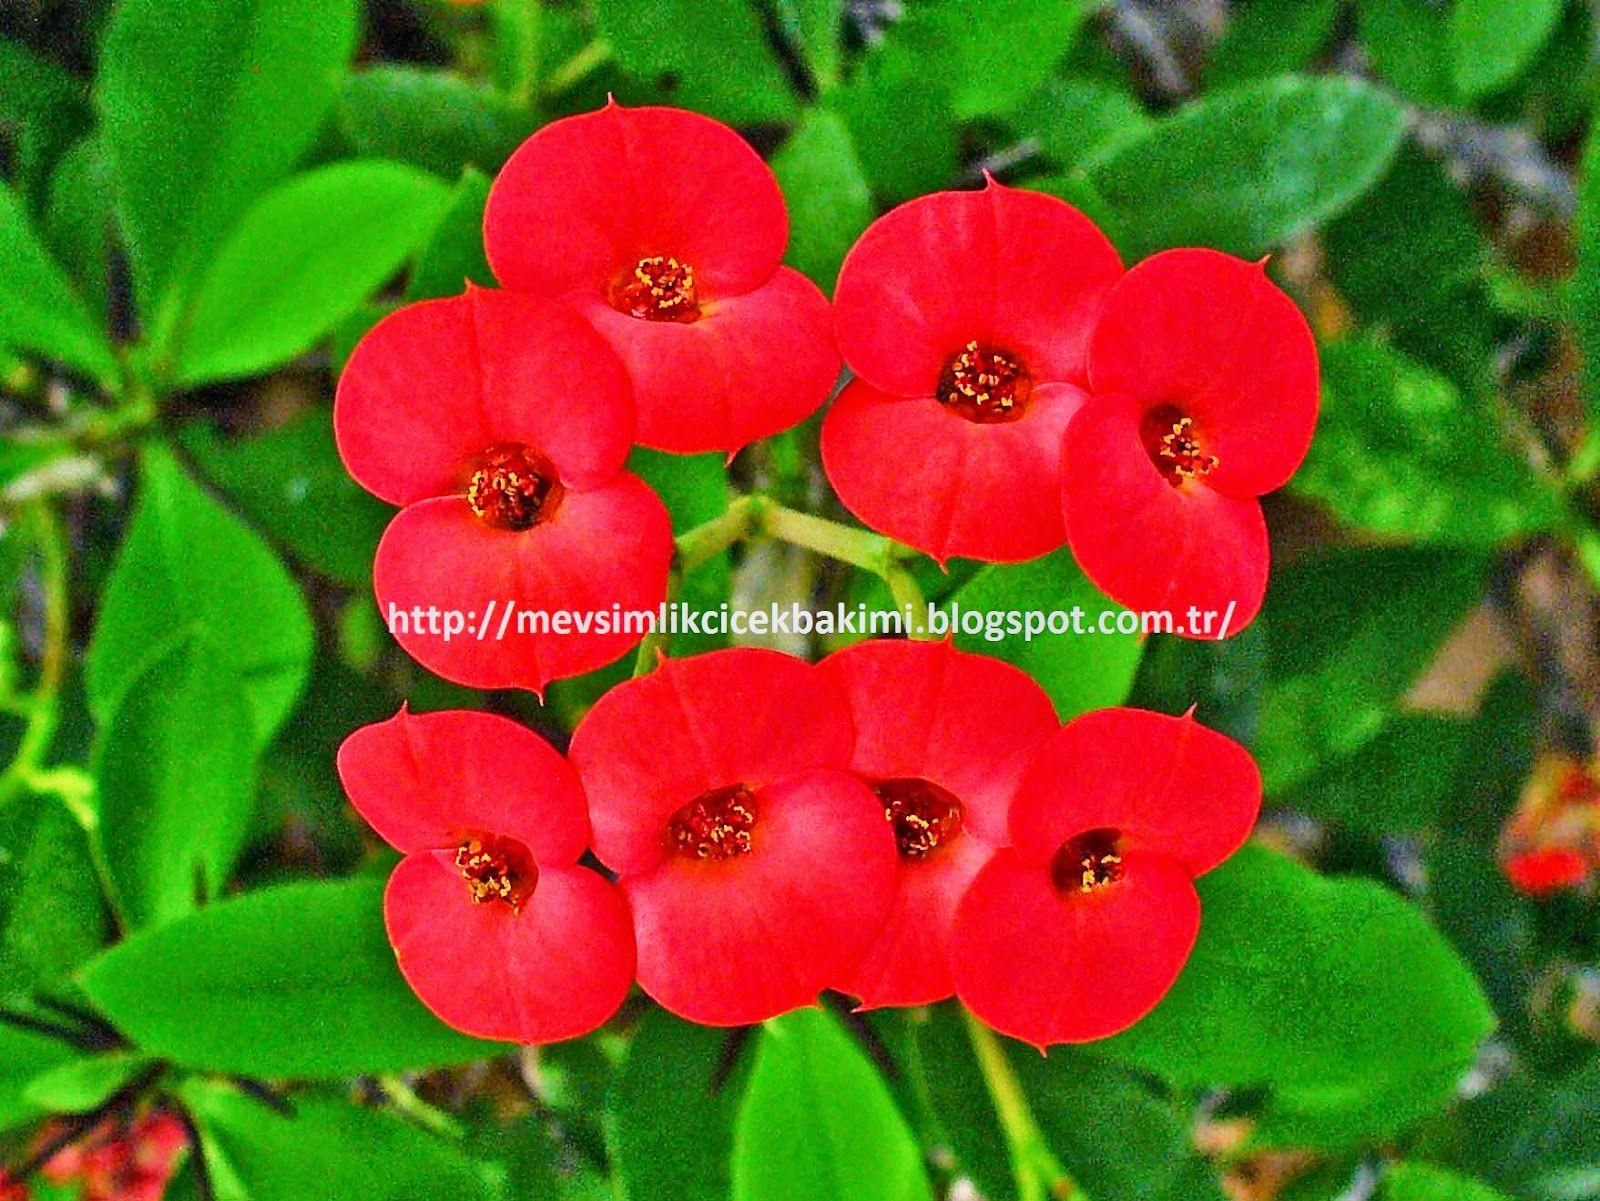 Dikenler Taci Euphorbia Milii Bakimi çiçek Bakımı çiçek